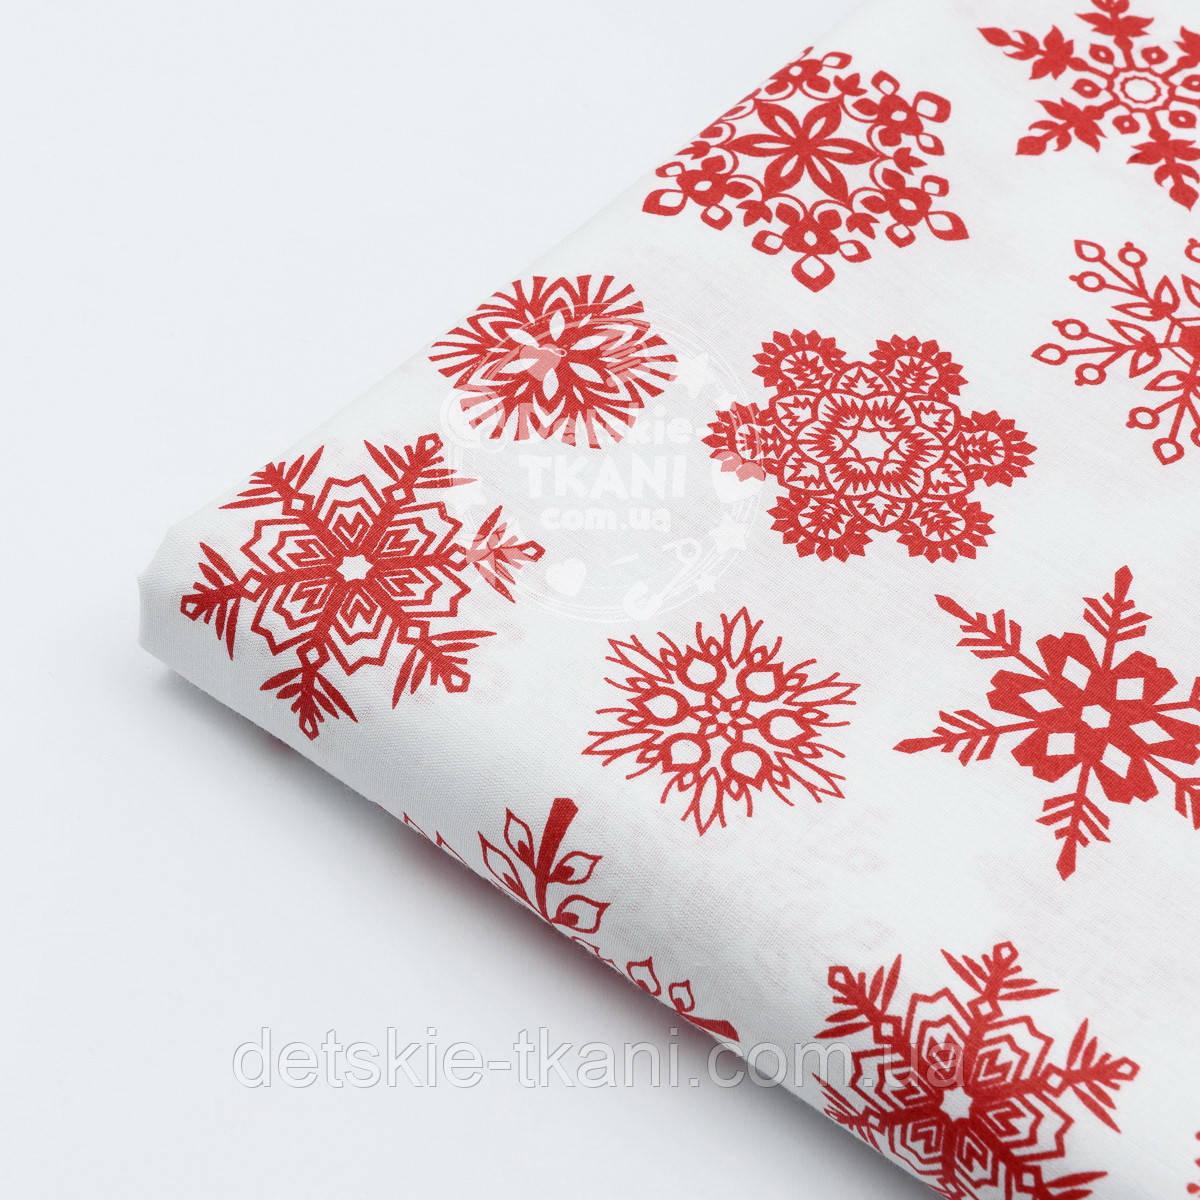 """Лоску поплина с новогодним рисунком  """"Фигурные снежинки"""" красные на белом №1603, размер 41*120 см"""